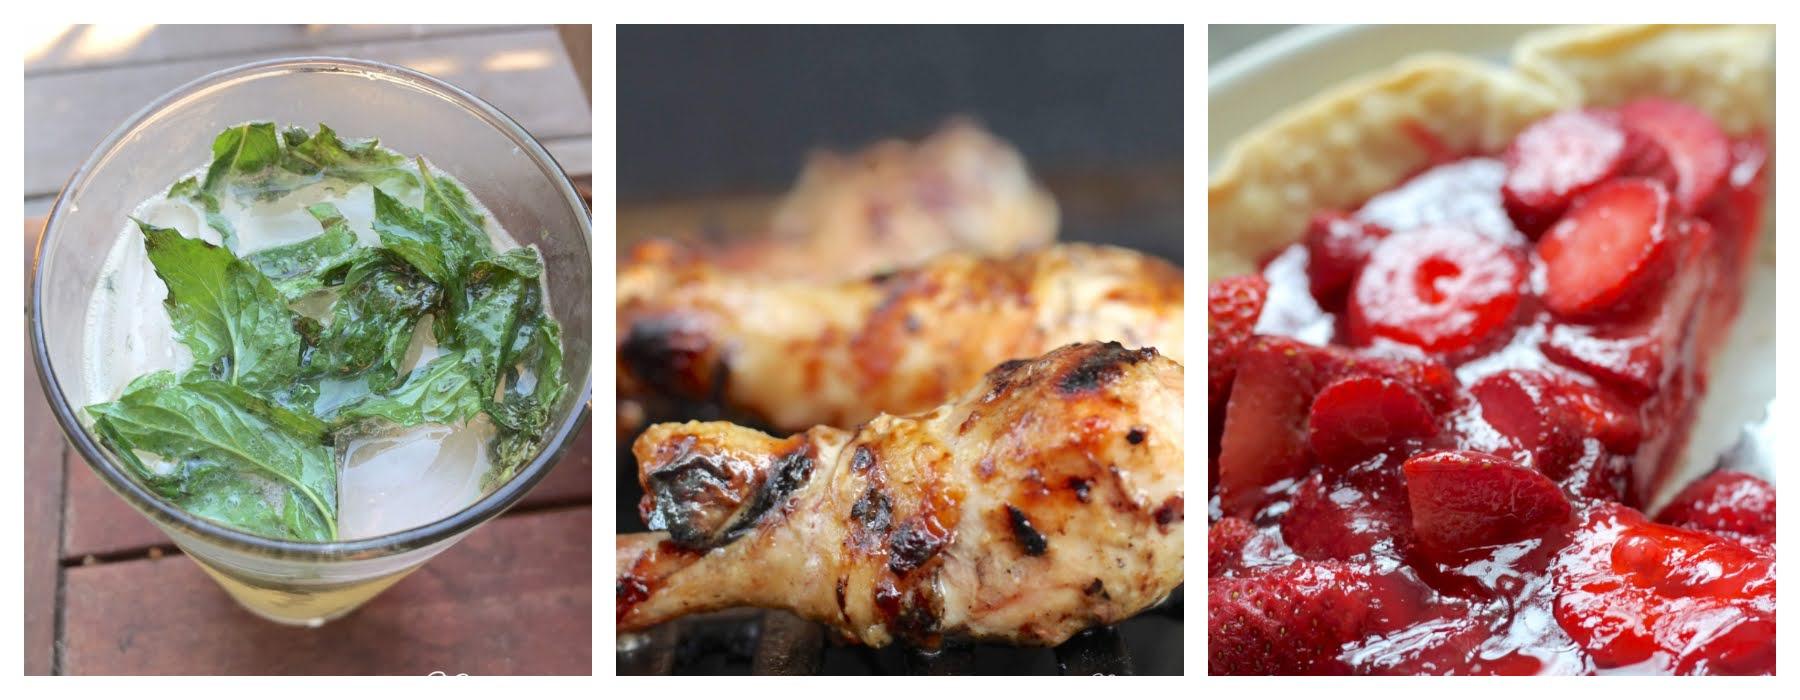 Yummy Recipes - Farmhouse Style - Lehman Lane